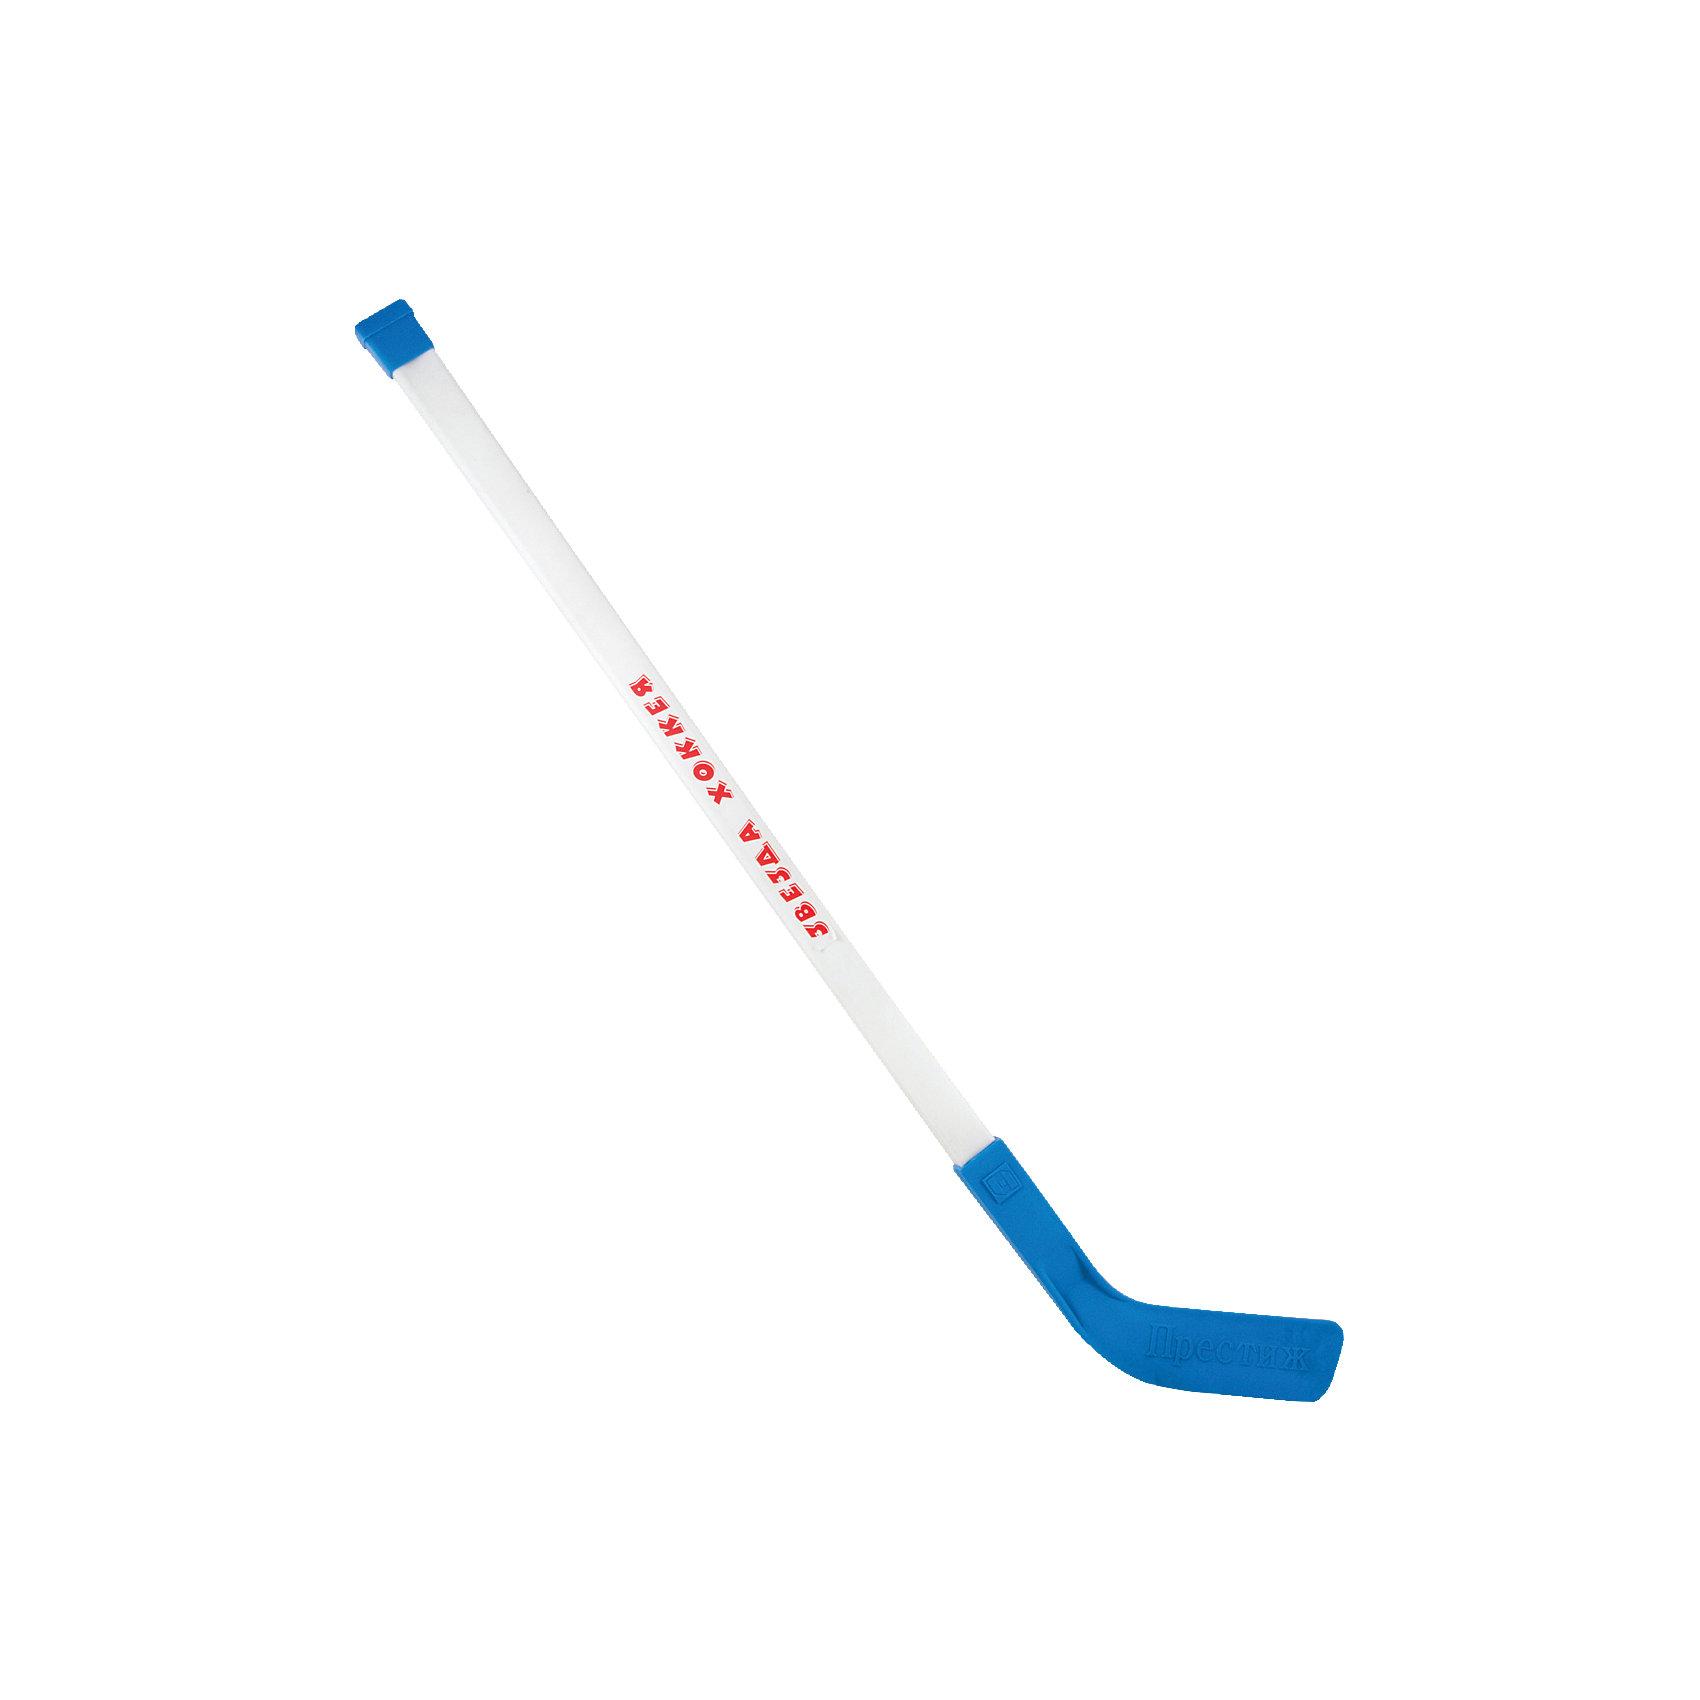 Хоккейный набор с шайбойХоккейный набор поможет в приобщении ребенка к спорту, а также доставит много радости и приятных впечатлений. В набор входят две клюшки и шайба, что позволяет играть в хоккей вдвоем (два ребенка или взрослый с ребенком). Приобретая набор для игры в хоккей, вы обеспечите малышу весело проведенную зиму и крепкое здоровье, ведь активные игры на природе очень полезны.<br><br>Дополнительная информация:<br><br>- Материал: дерево, пластик.<br>- Комплектация: клюшка (2 шт.), шайба (1 шт).<br><br>Хоккейный набор с шайбой можно купить в нашем магазине.<br><br>Ширина мм: 870<br>Глубина мм: 250<br>Высота мм: 20<br>Вес г: 429<br>Возраст от месяцев: 24<br>Возраст до месяцев: 72<br>Пол: Мужской<br>Возраст: Детский<br>SKU: 4304460